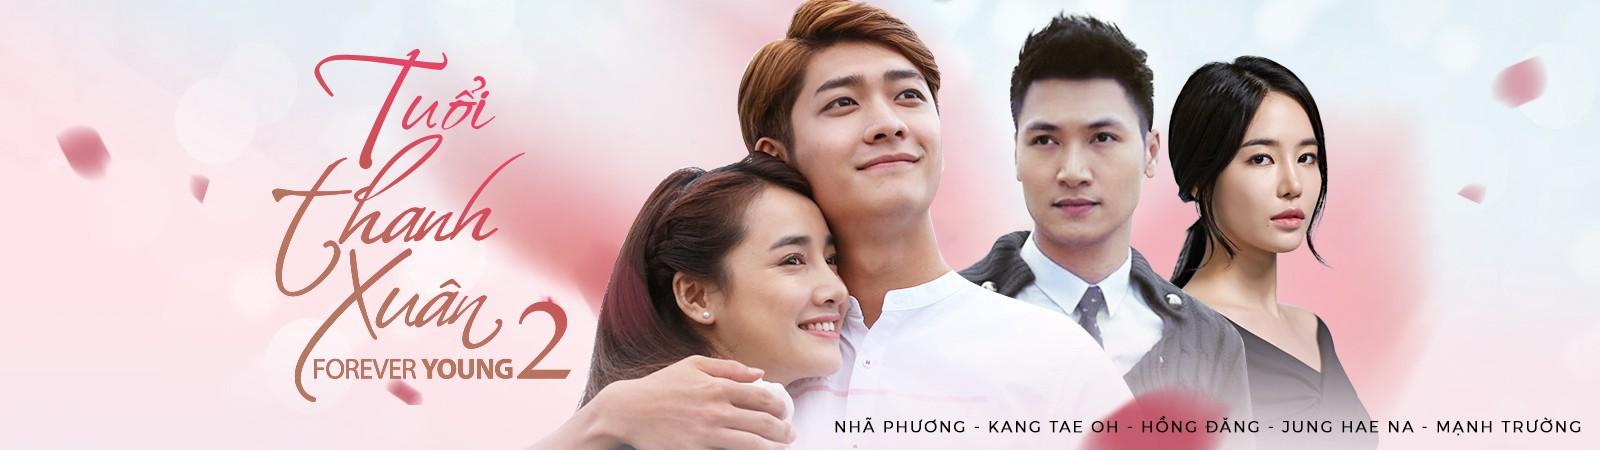 Top 5 bộ phim hay làm thay đổi cái nhìn về phim truyền hình Việt Nam trong mắt khán giả